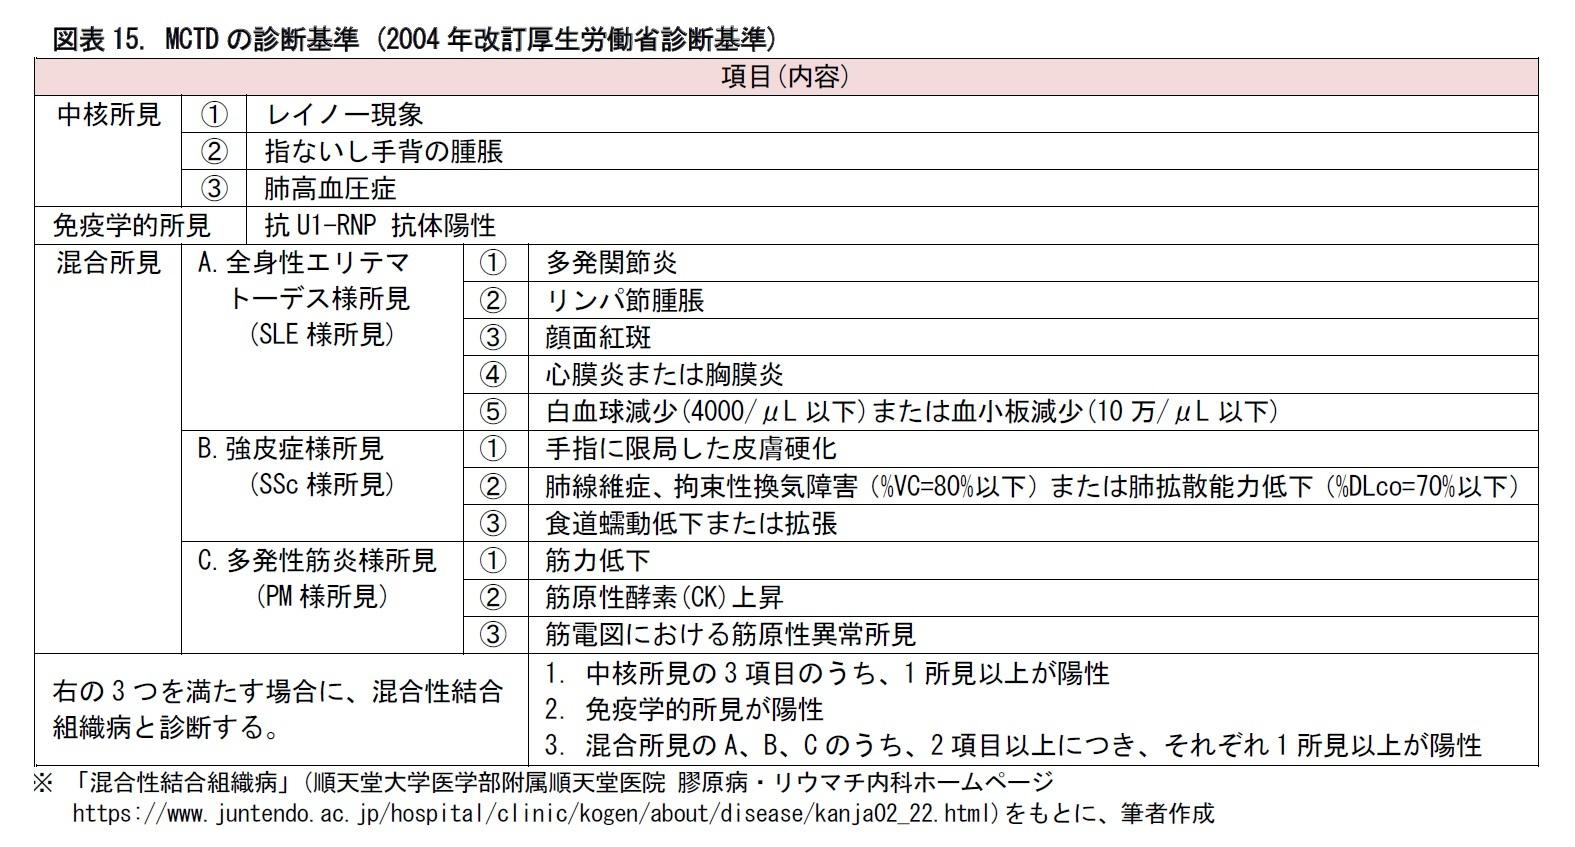 図表15. MCTDの診断基準 (2004年改訂厚生労働省診断基準)